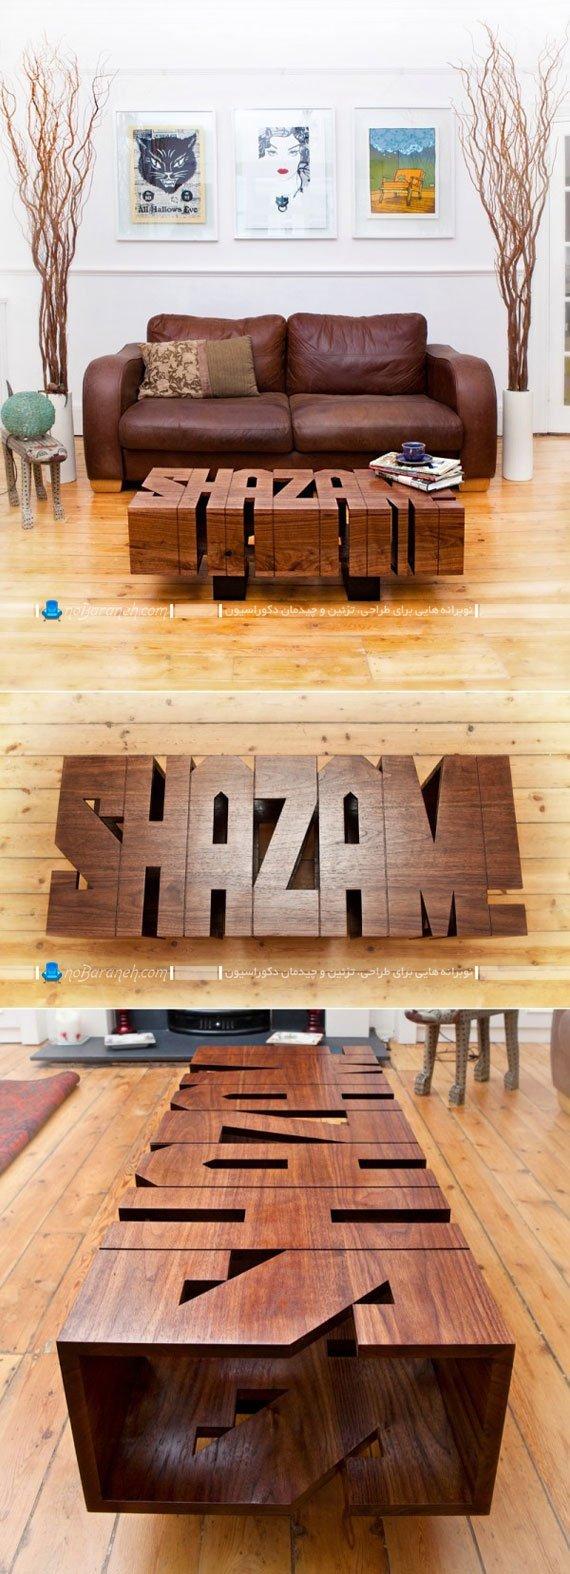 میز جلو مبلی چوبی و فانتزی